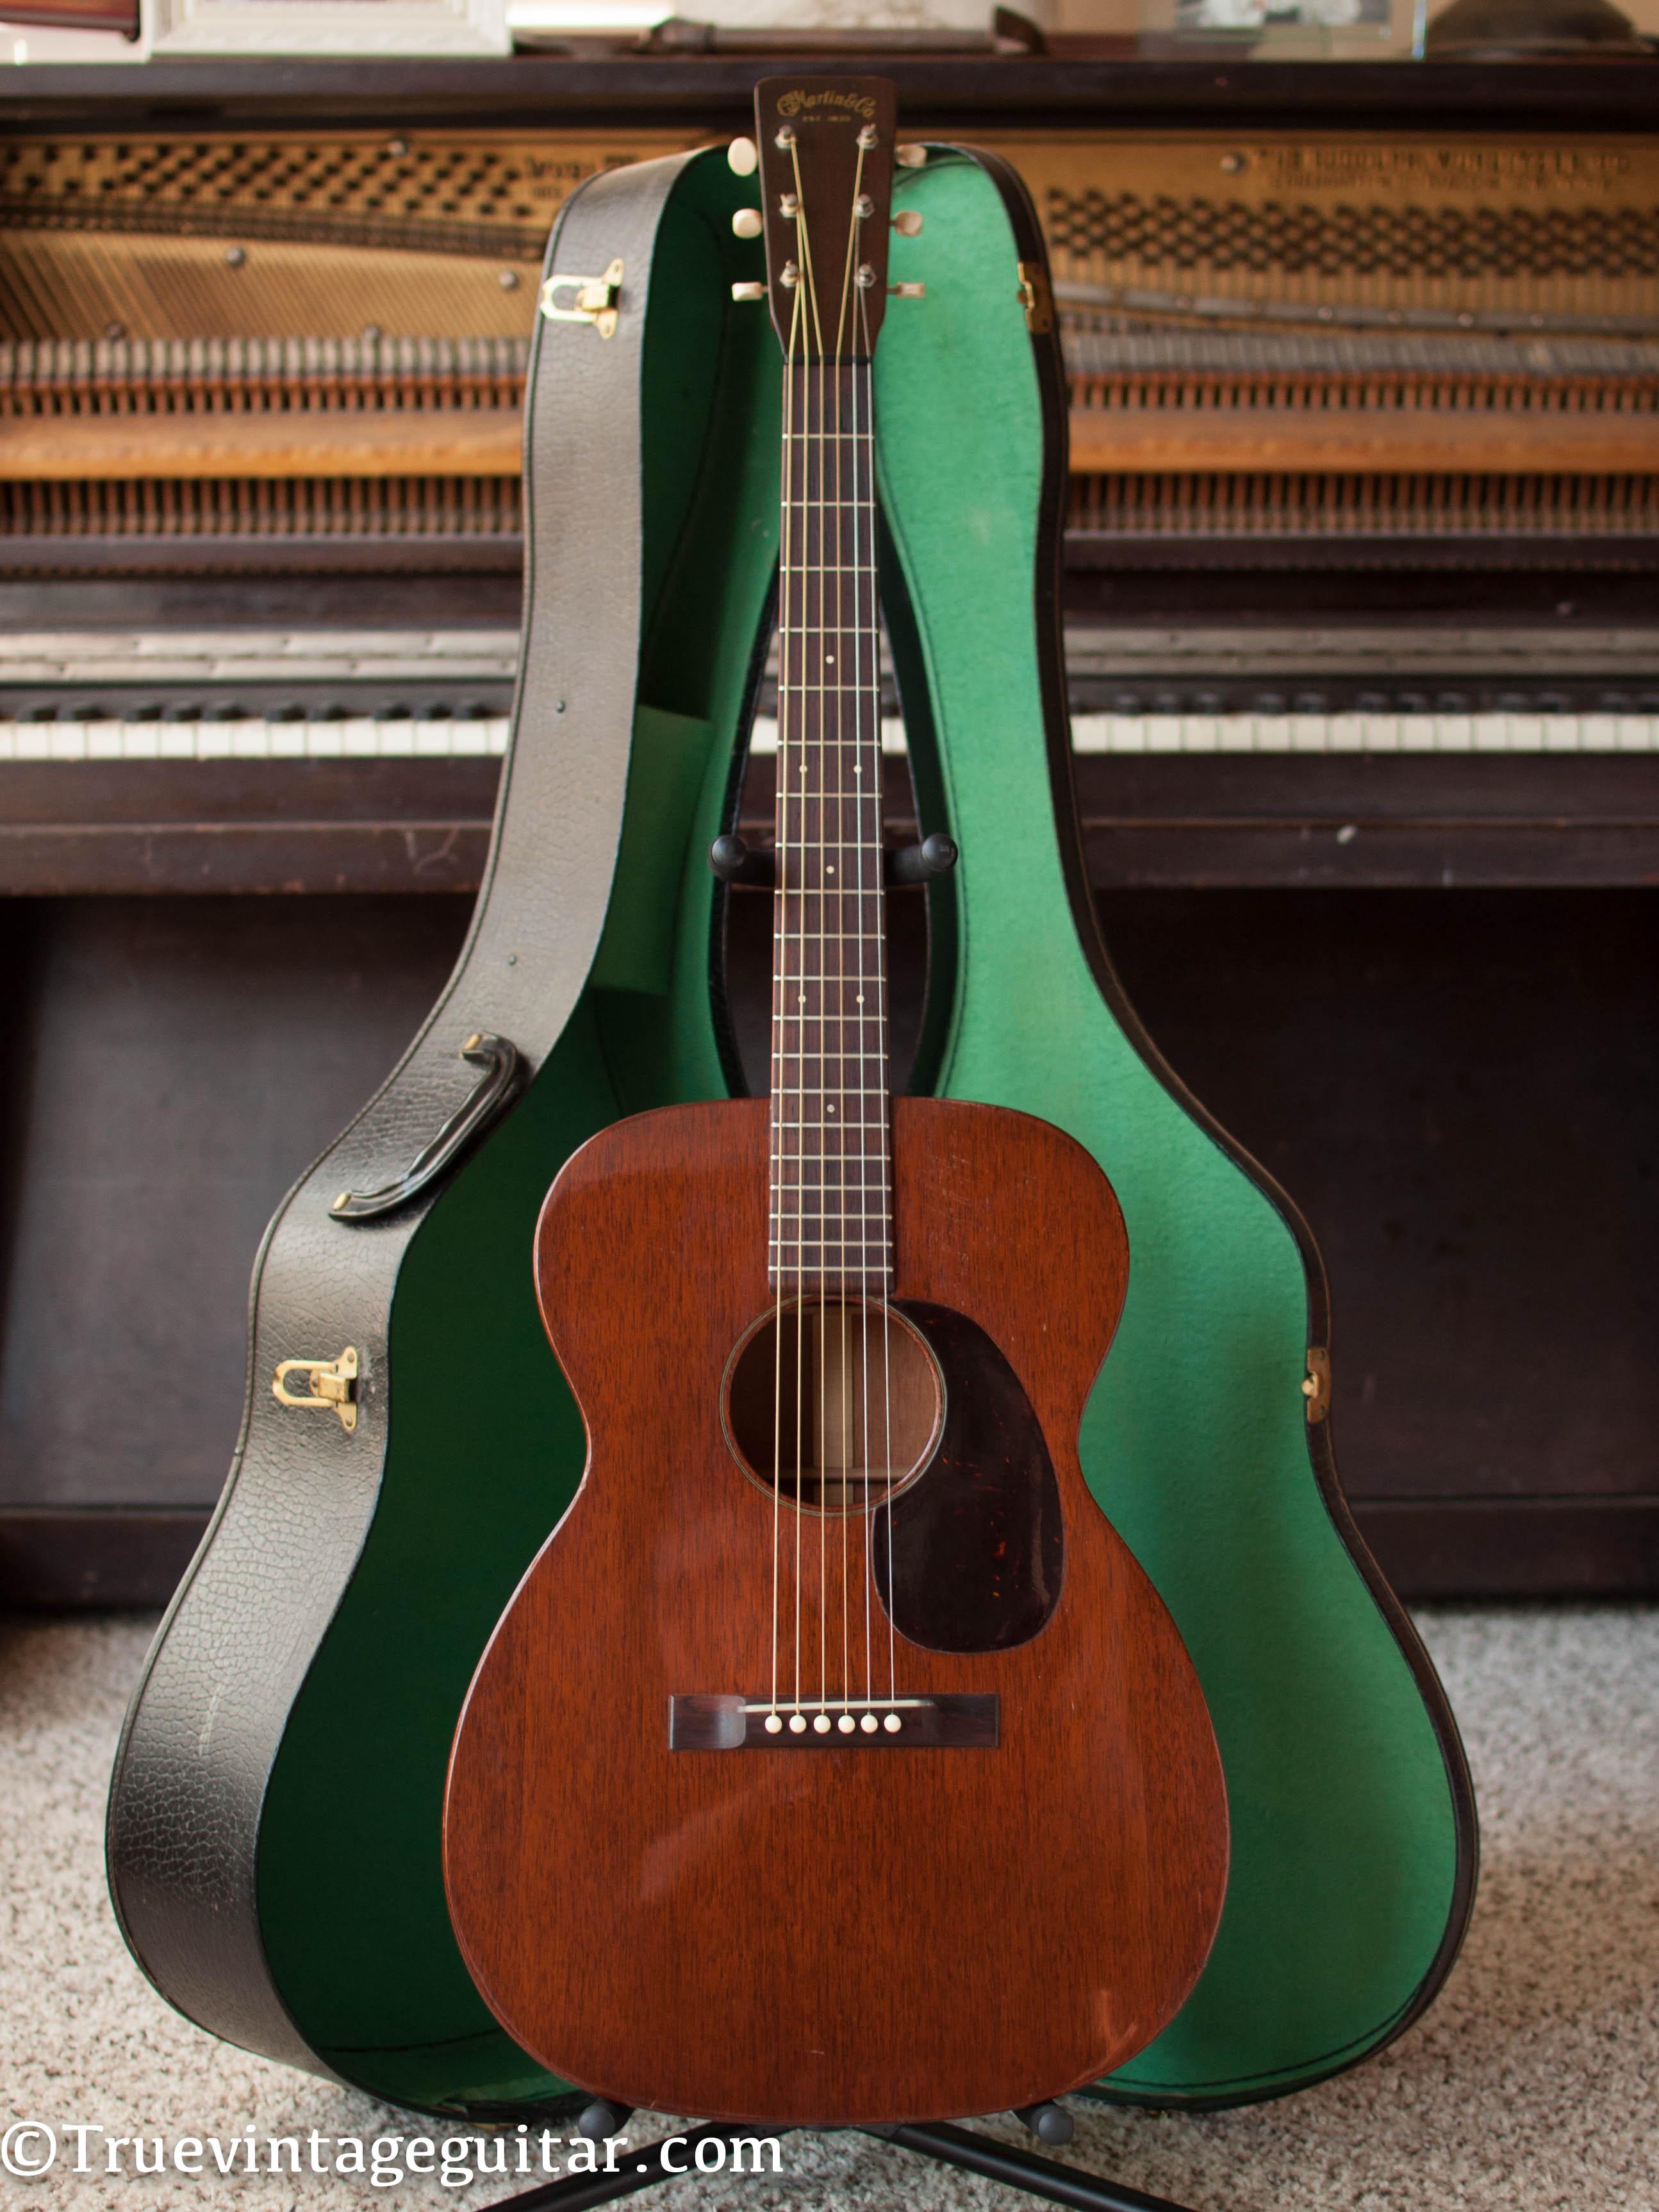 martin 00 17 1954 guitar for sale true vintage guitar. Black Bedroom Furniture Sets. Home Design Ideas